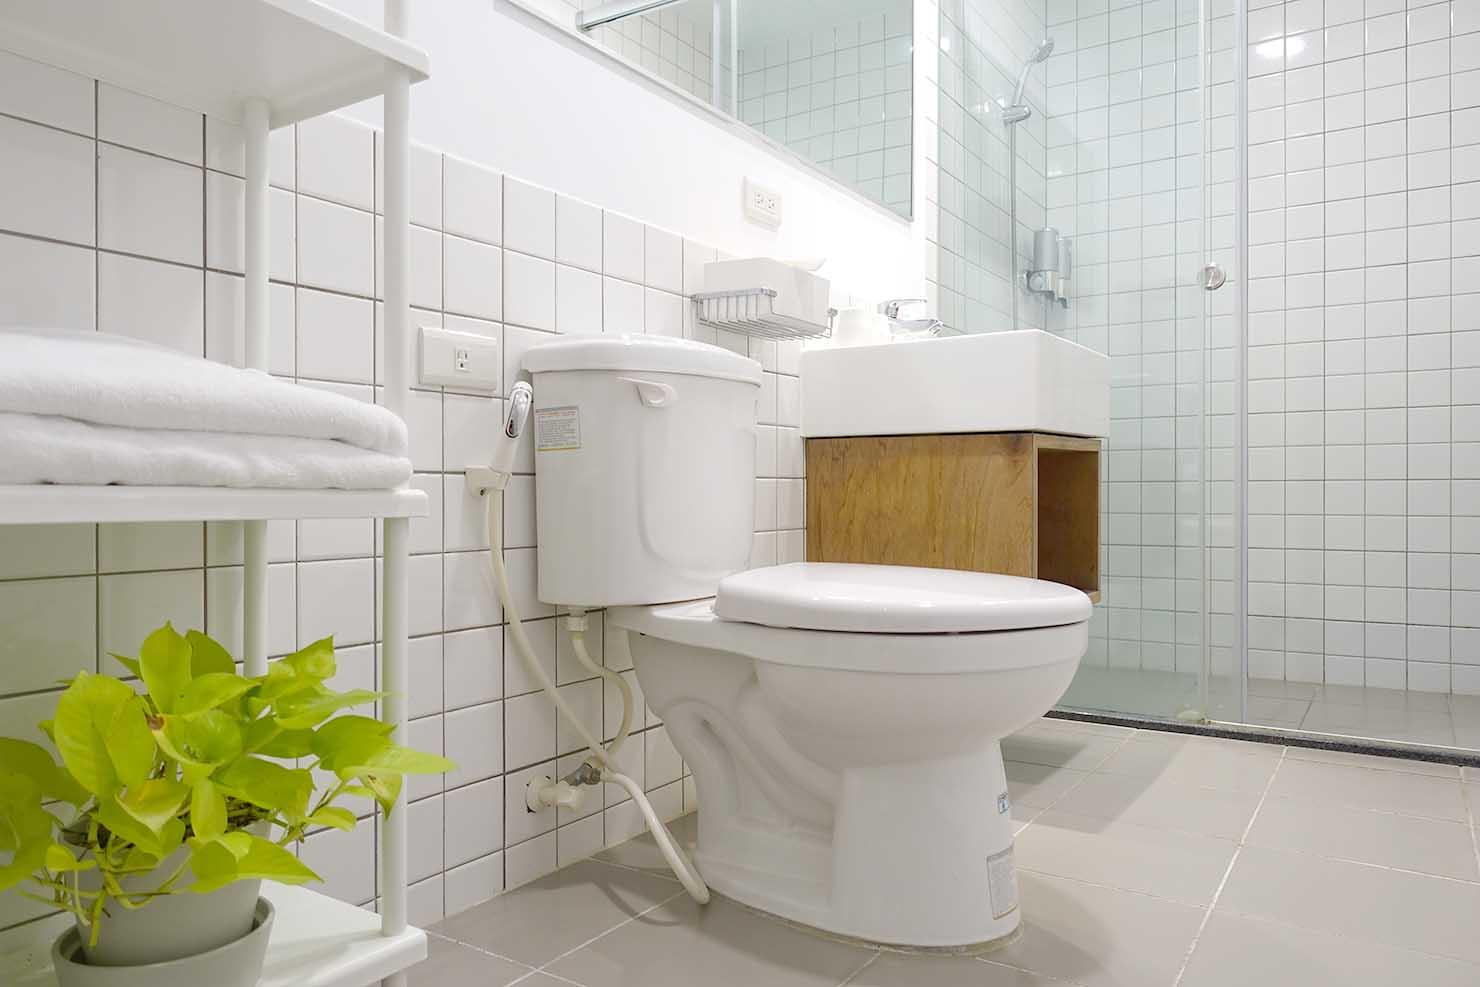 高雄・美麗島駅徒歩3分の立地最高なおすすめホテル「小島公寓 Island House」のバスルーム